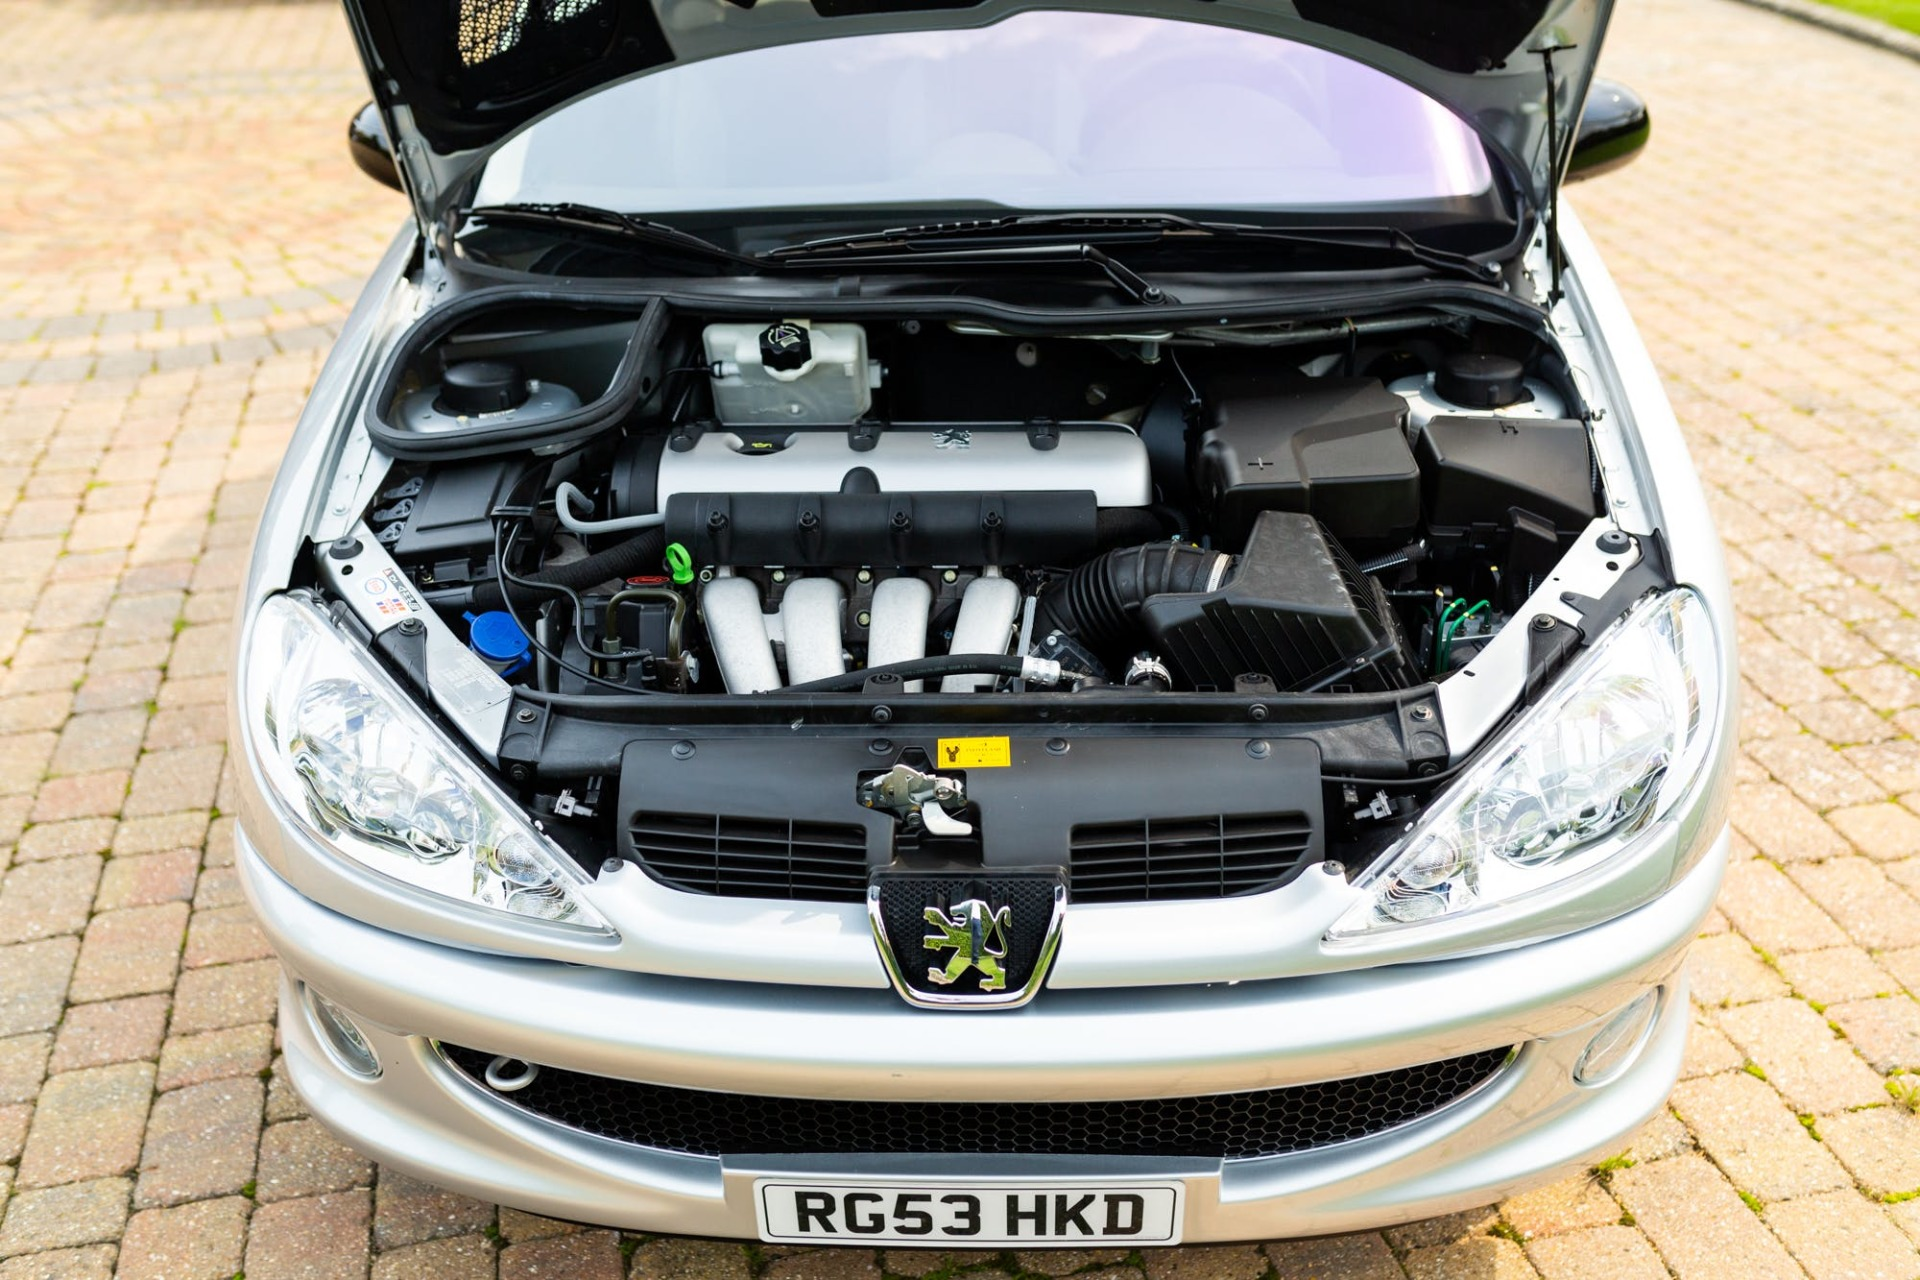 A Subasta El Impecable Y Divertidisimo Peugeot 206 Rc De Richard Burns Diariomotor